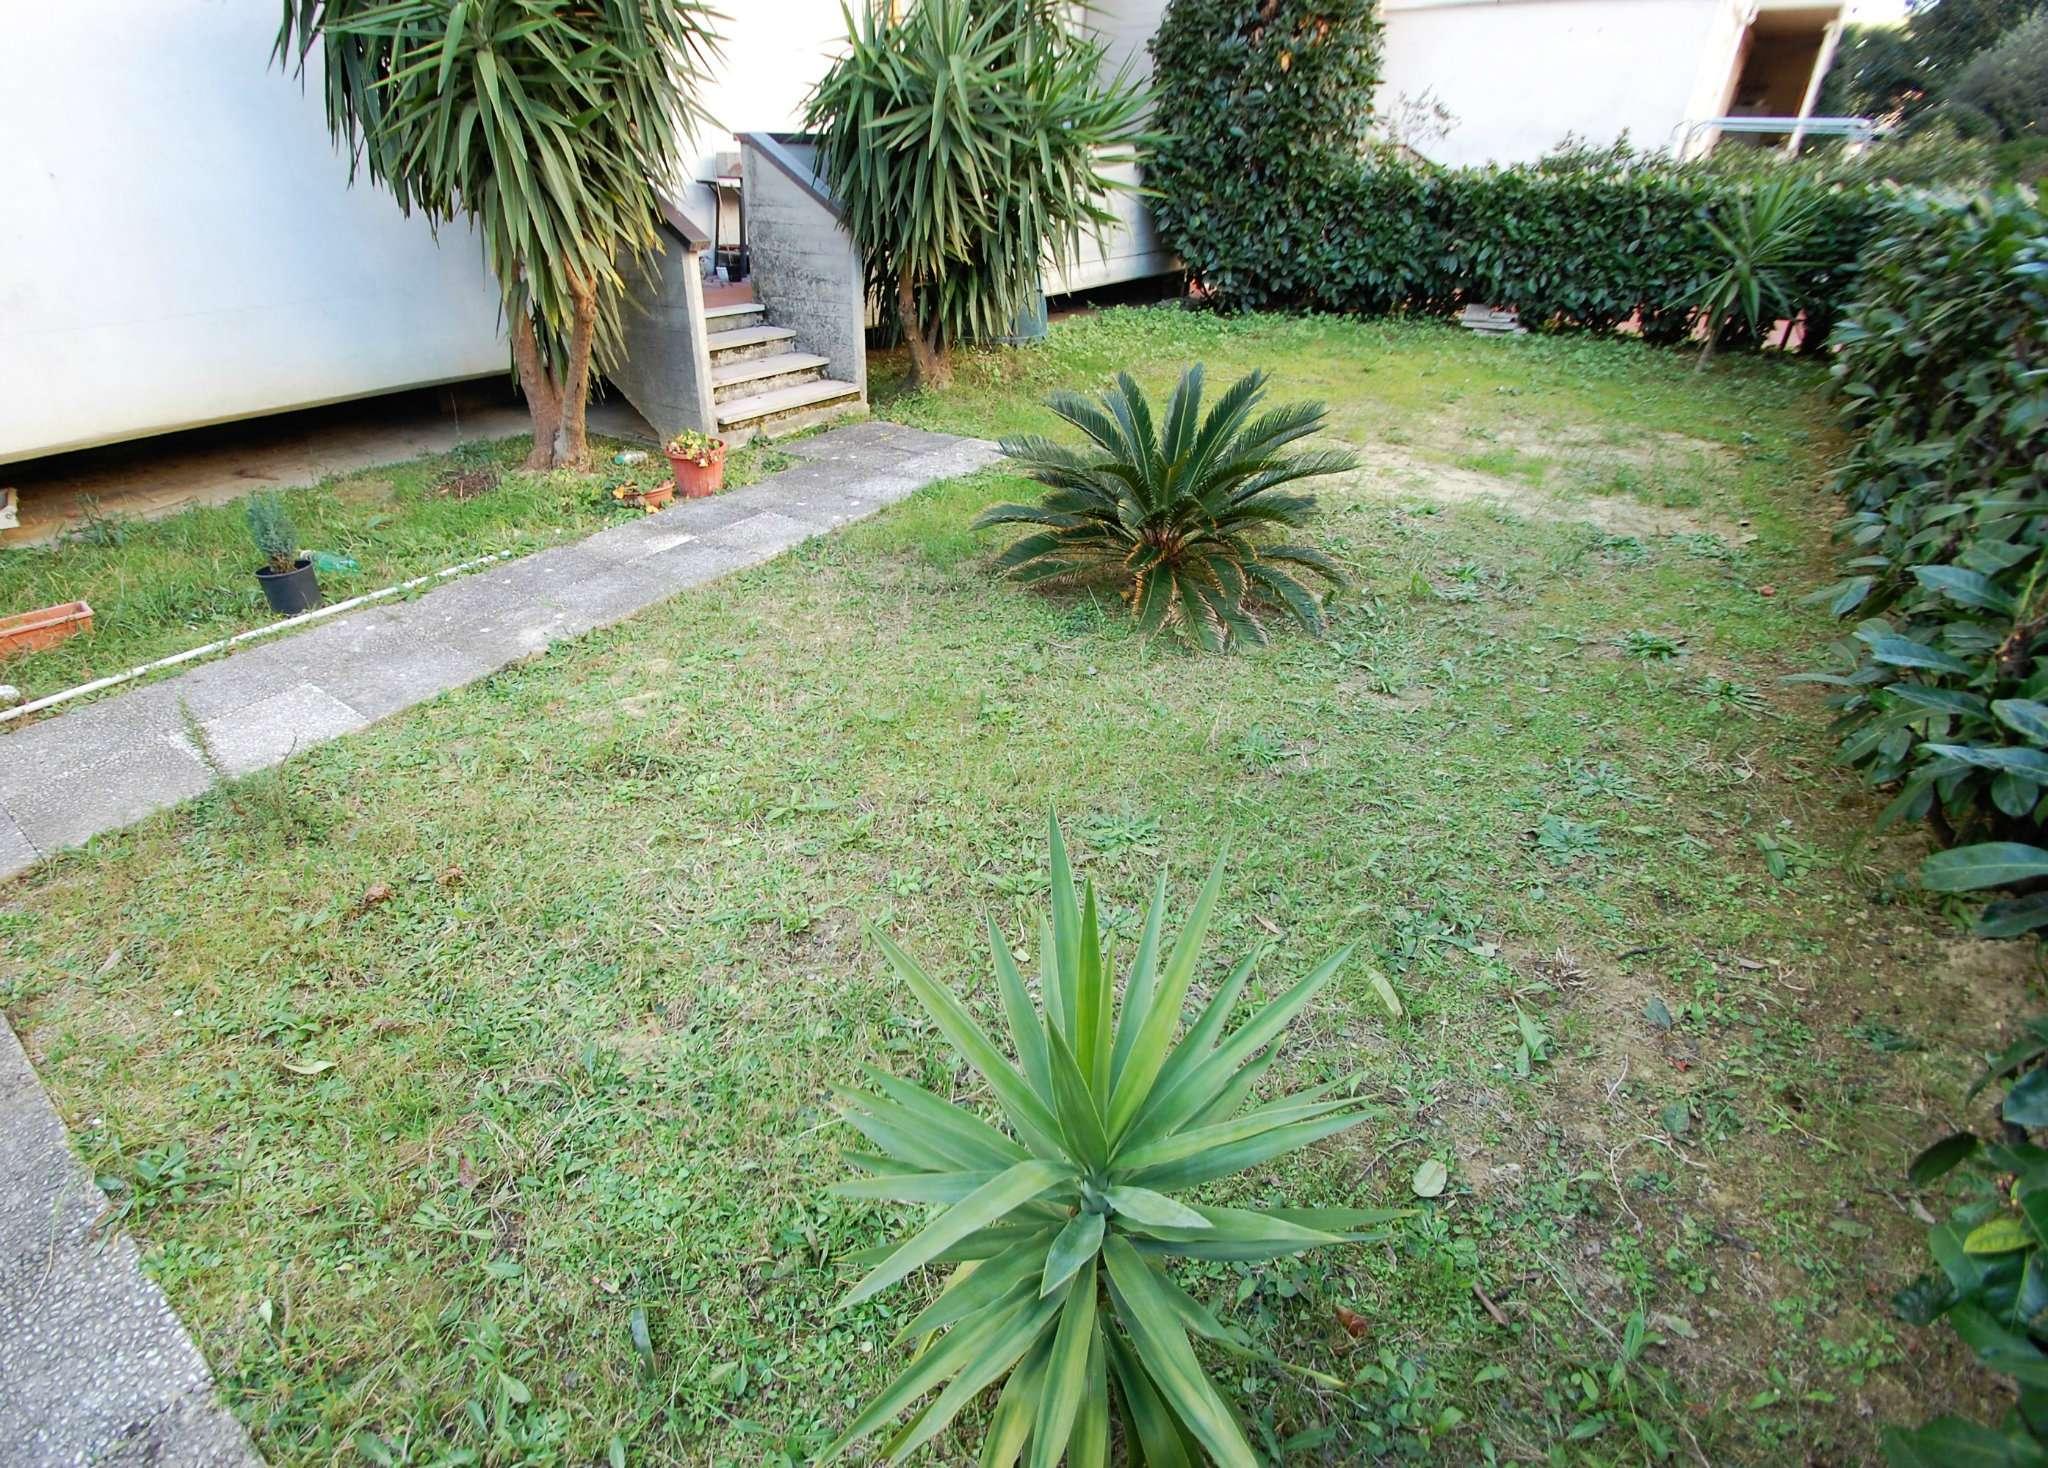 Cerco appartamento con giardino e taverna a prato - Altezza alberi giardino privato condominio ...